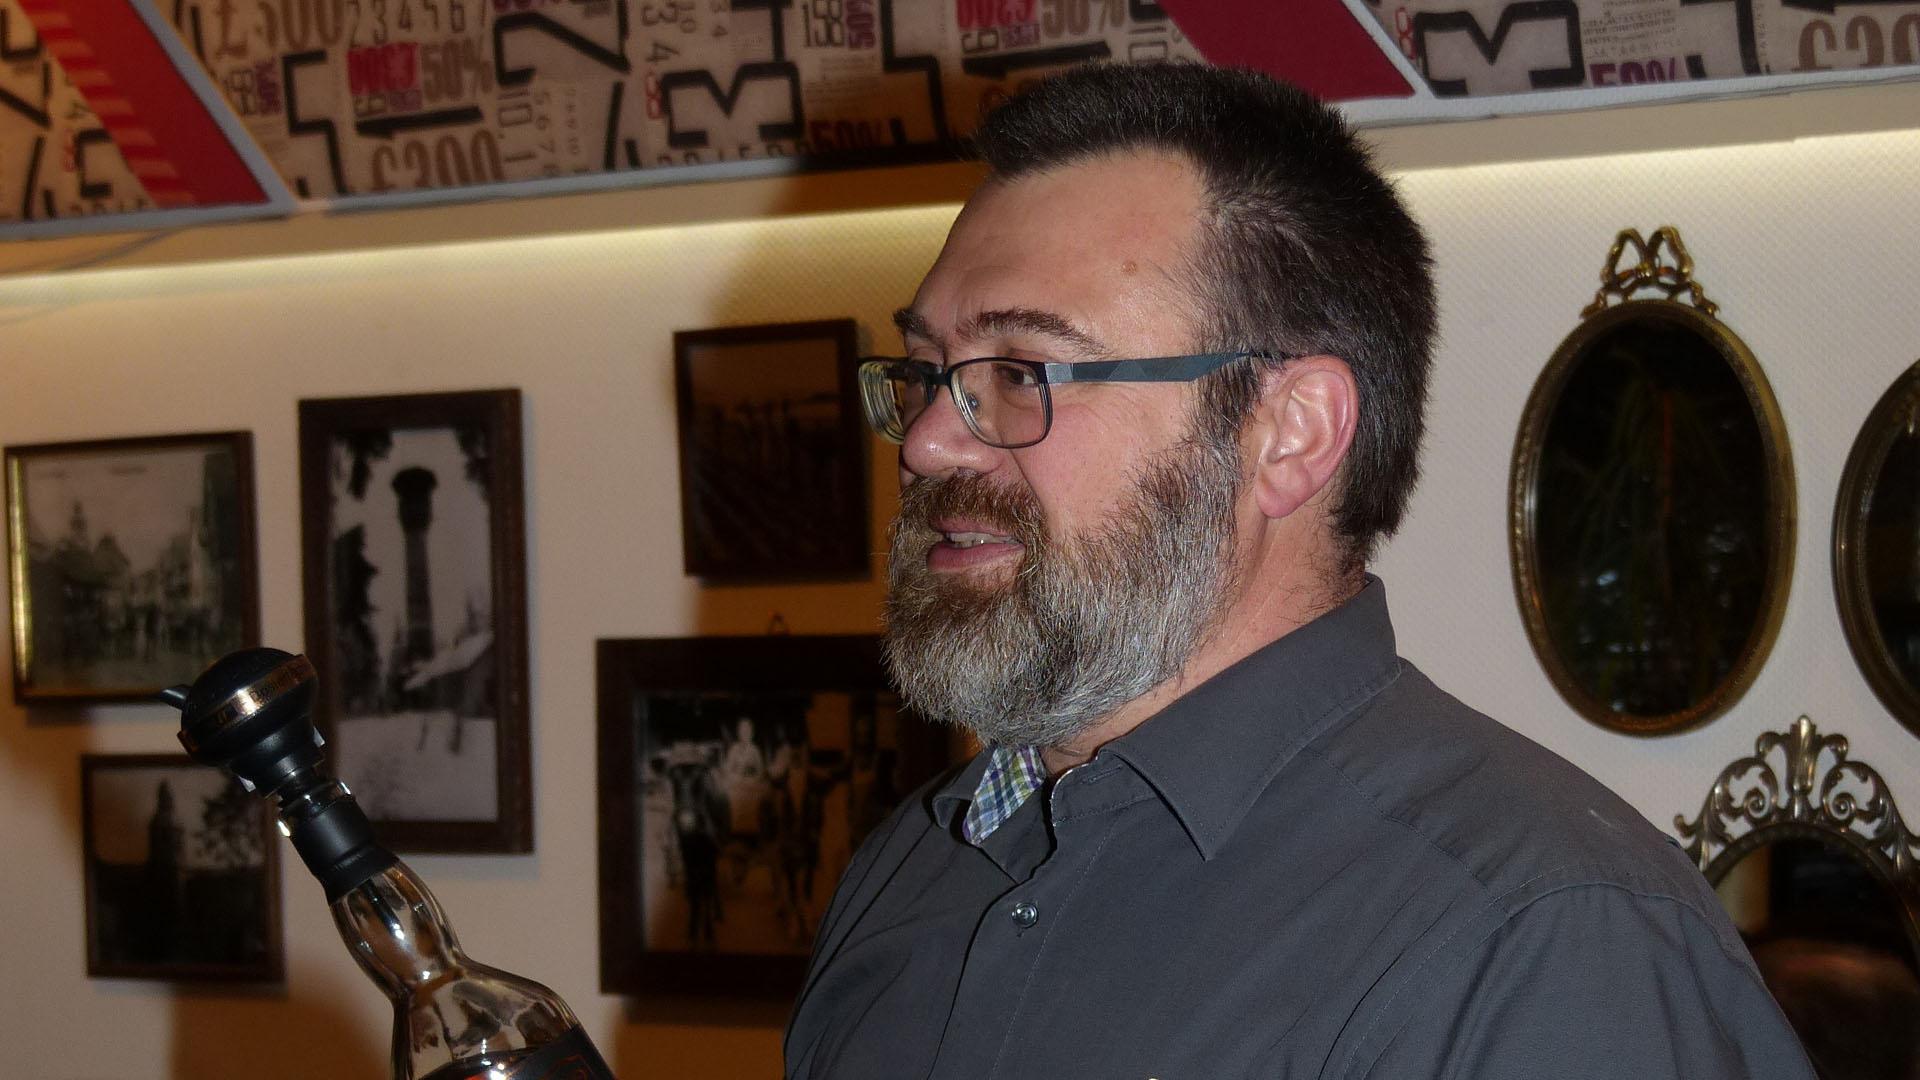 Jens Heiler beim Whiskytasting im Gästehaus Am Kirchlein.